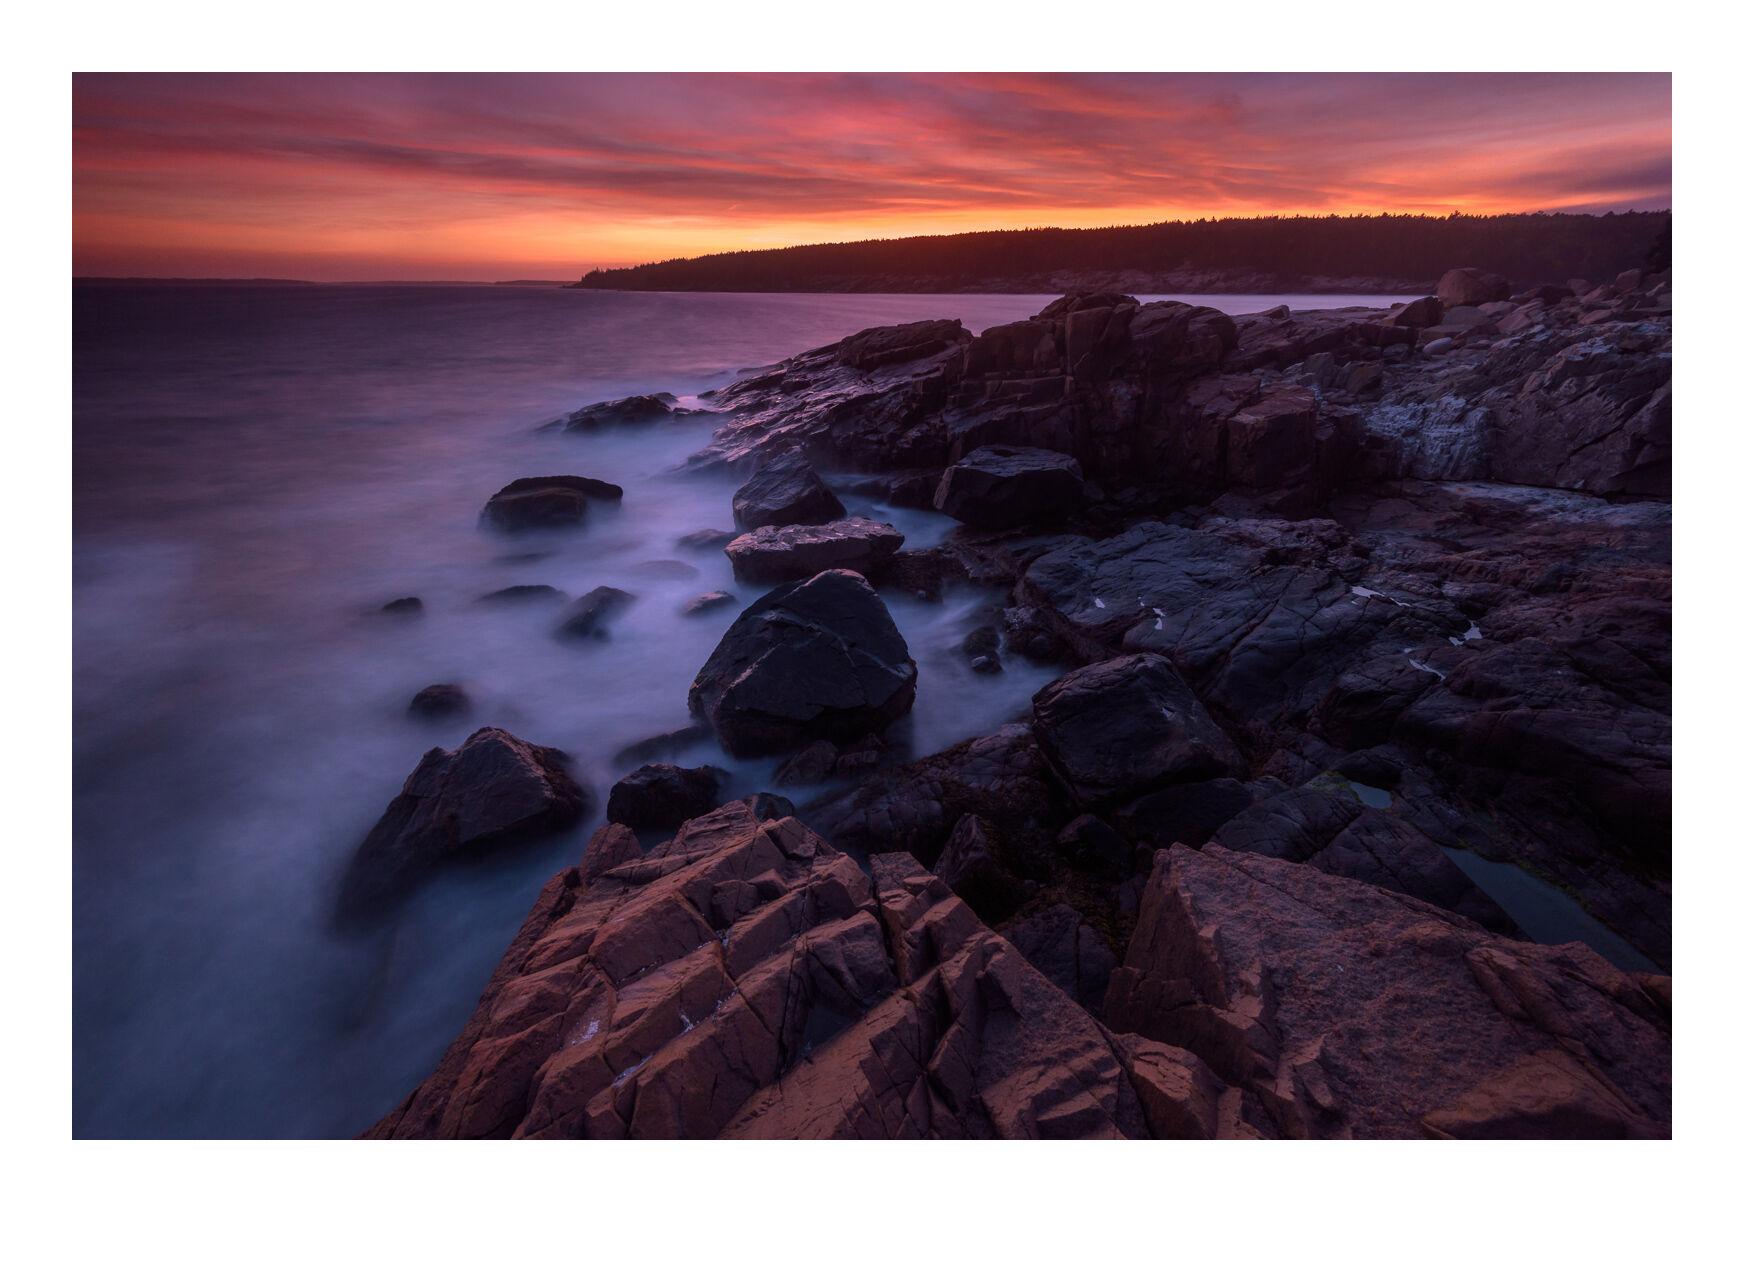 Sunset over Acadia's rugged granite coastline.